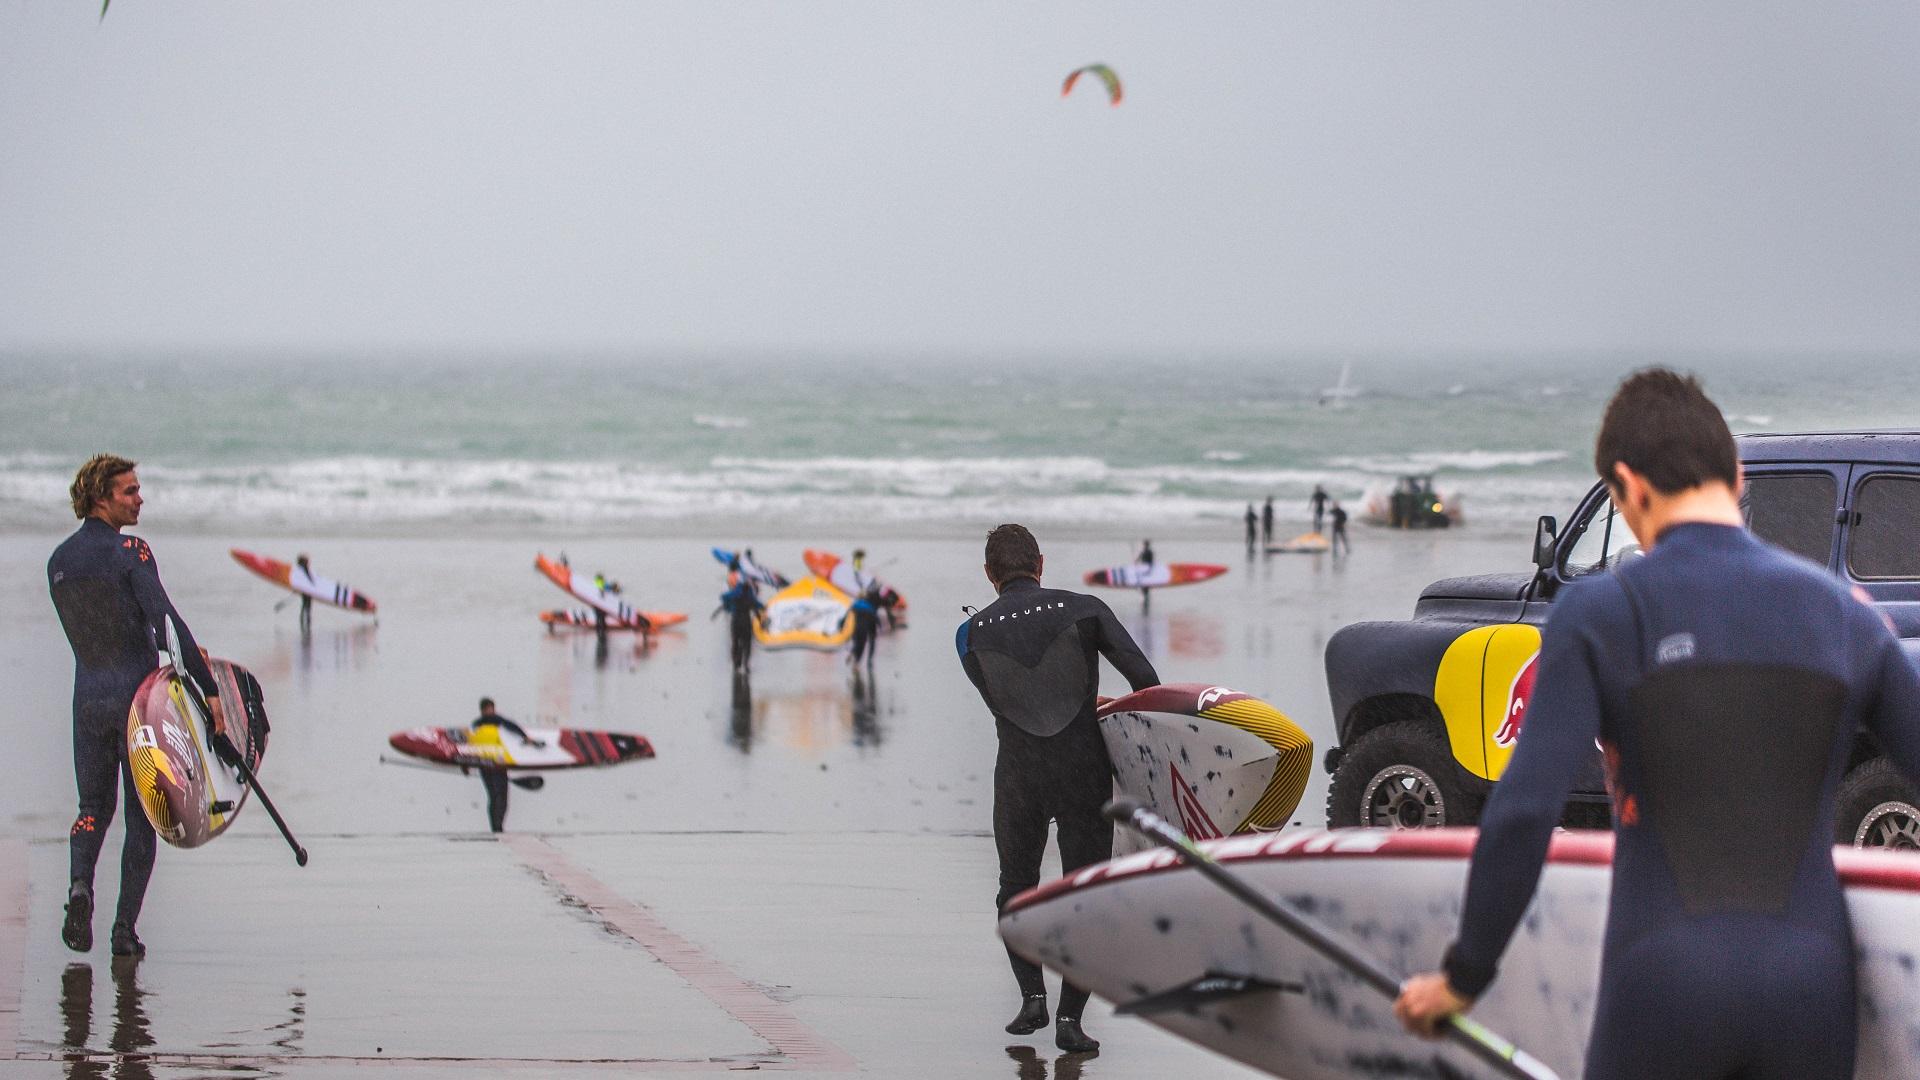 Paul Foulonneau avec son paddle et d'autres personnes sur la plage par mauvais temps